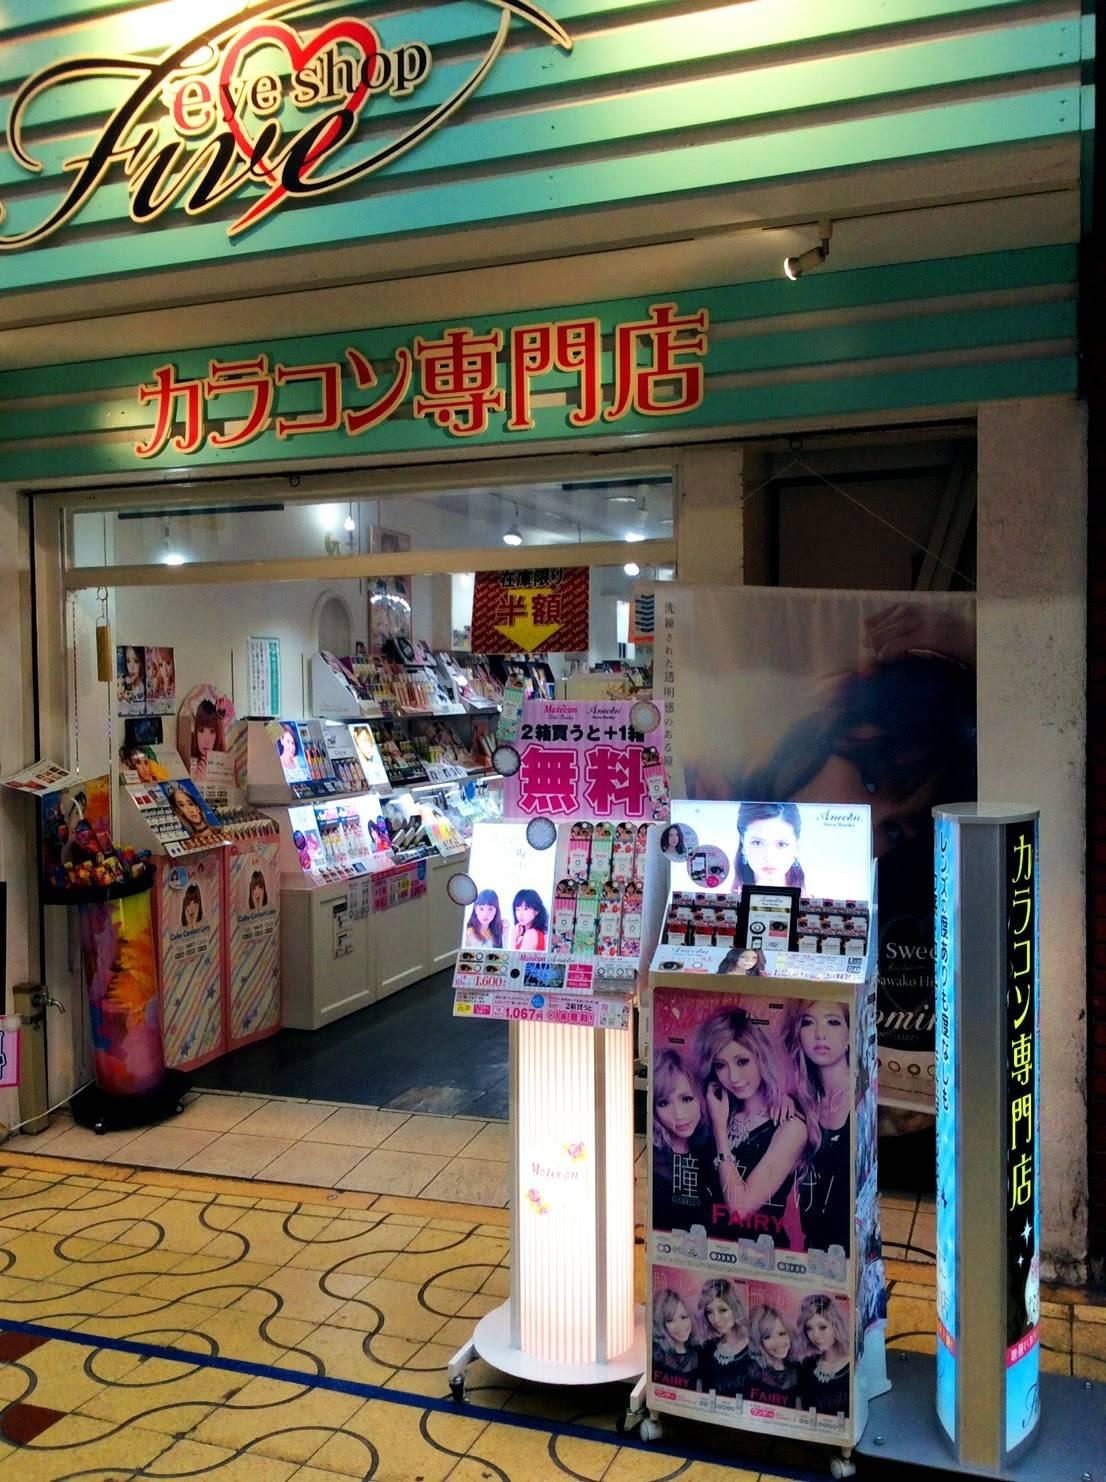 eye shop Five 神戸マルイ店